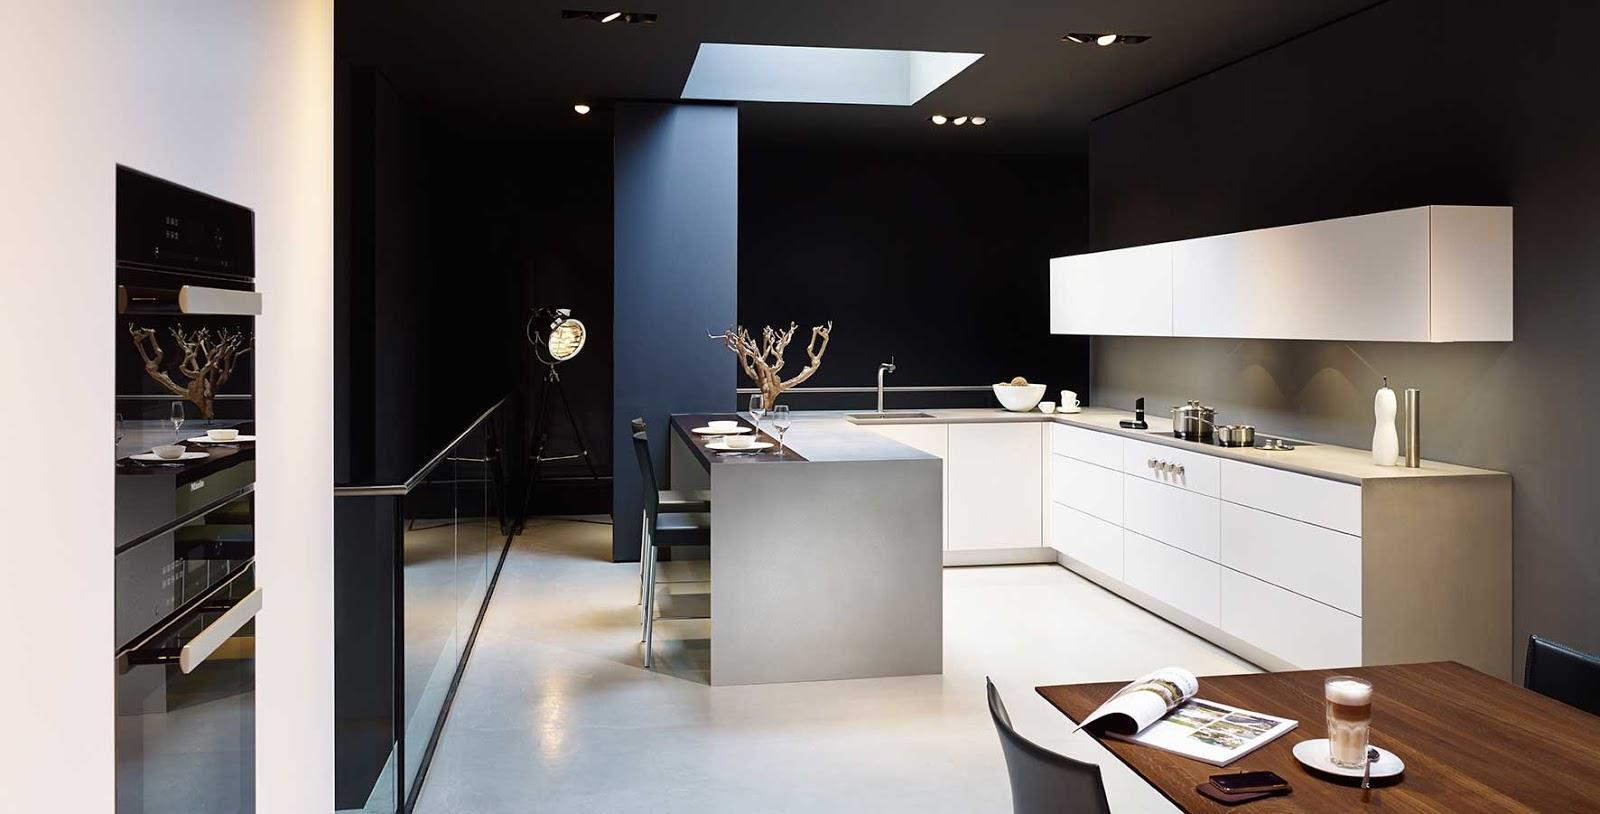 kuechen aktuell trendy ka kchen aktuell mbel neuer. Black Bedroom Furniture Sets. Home Design Ideas